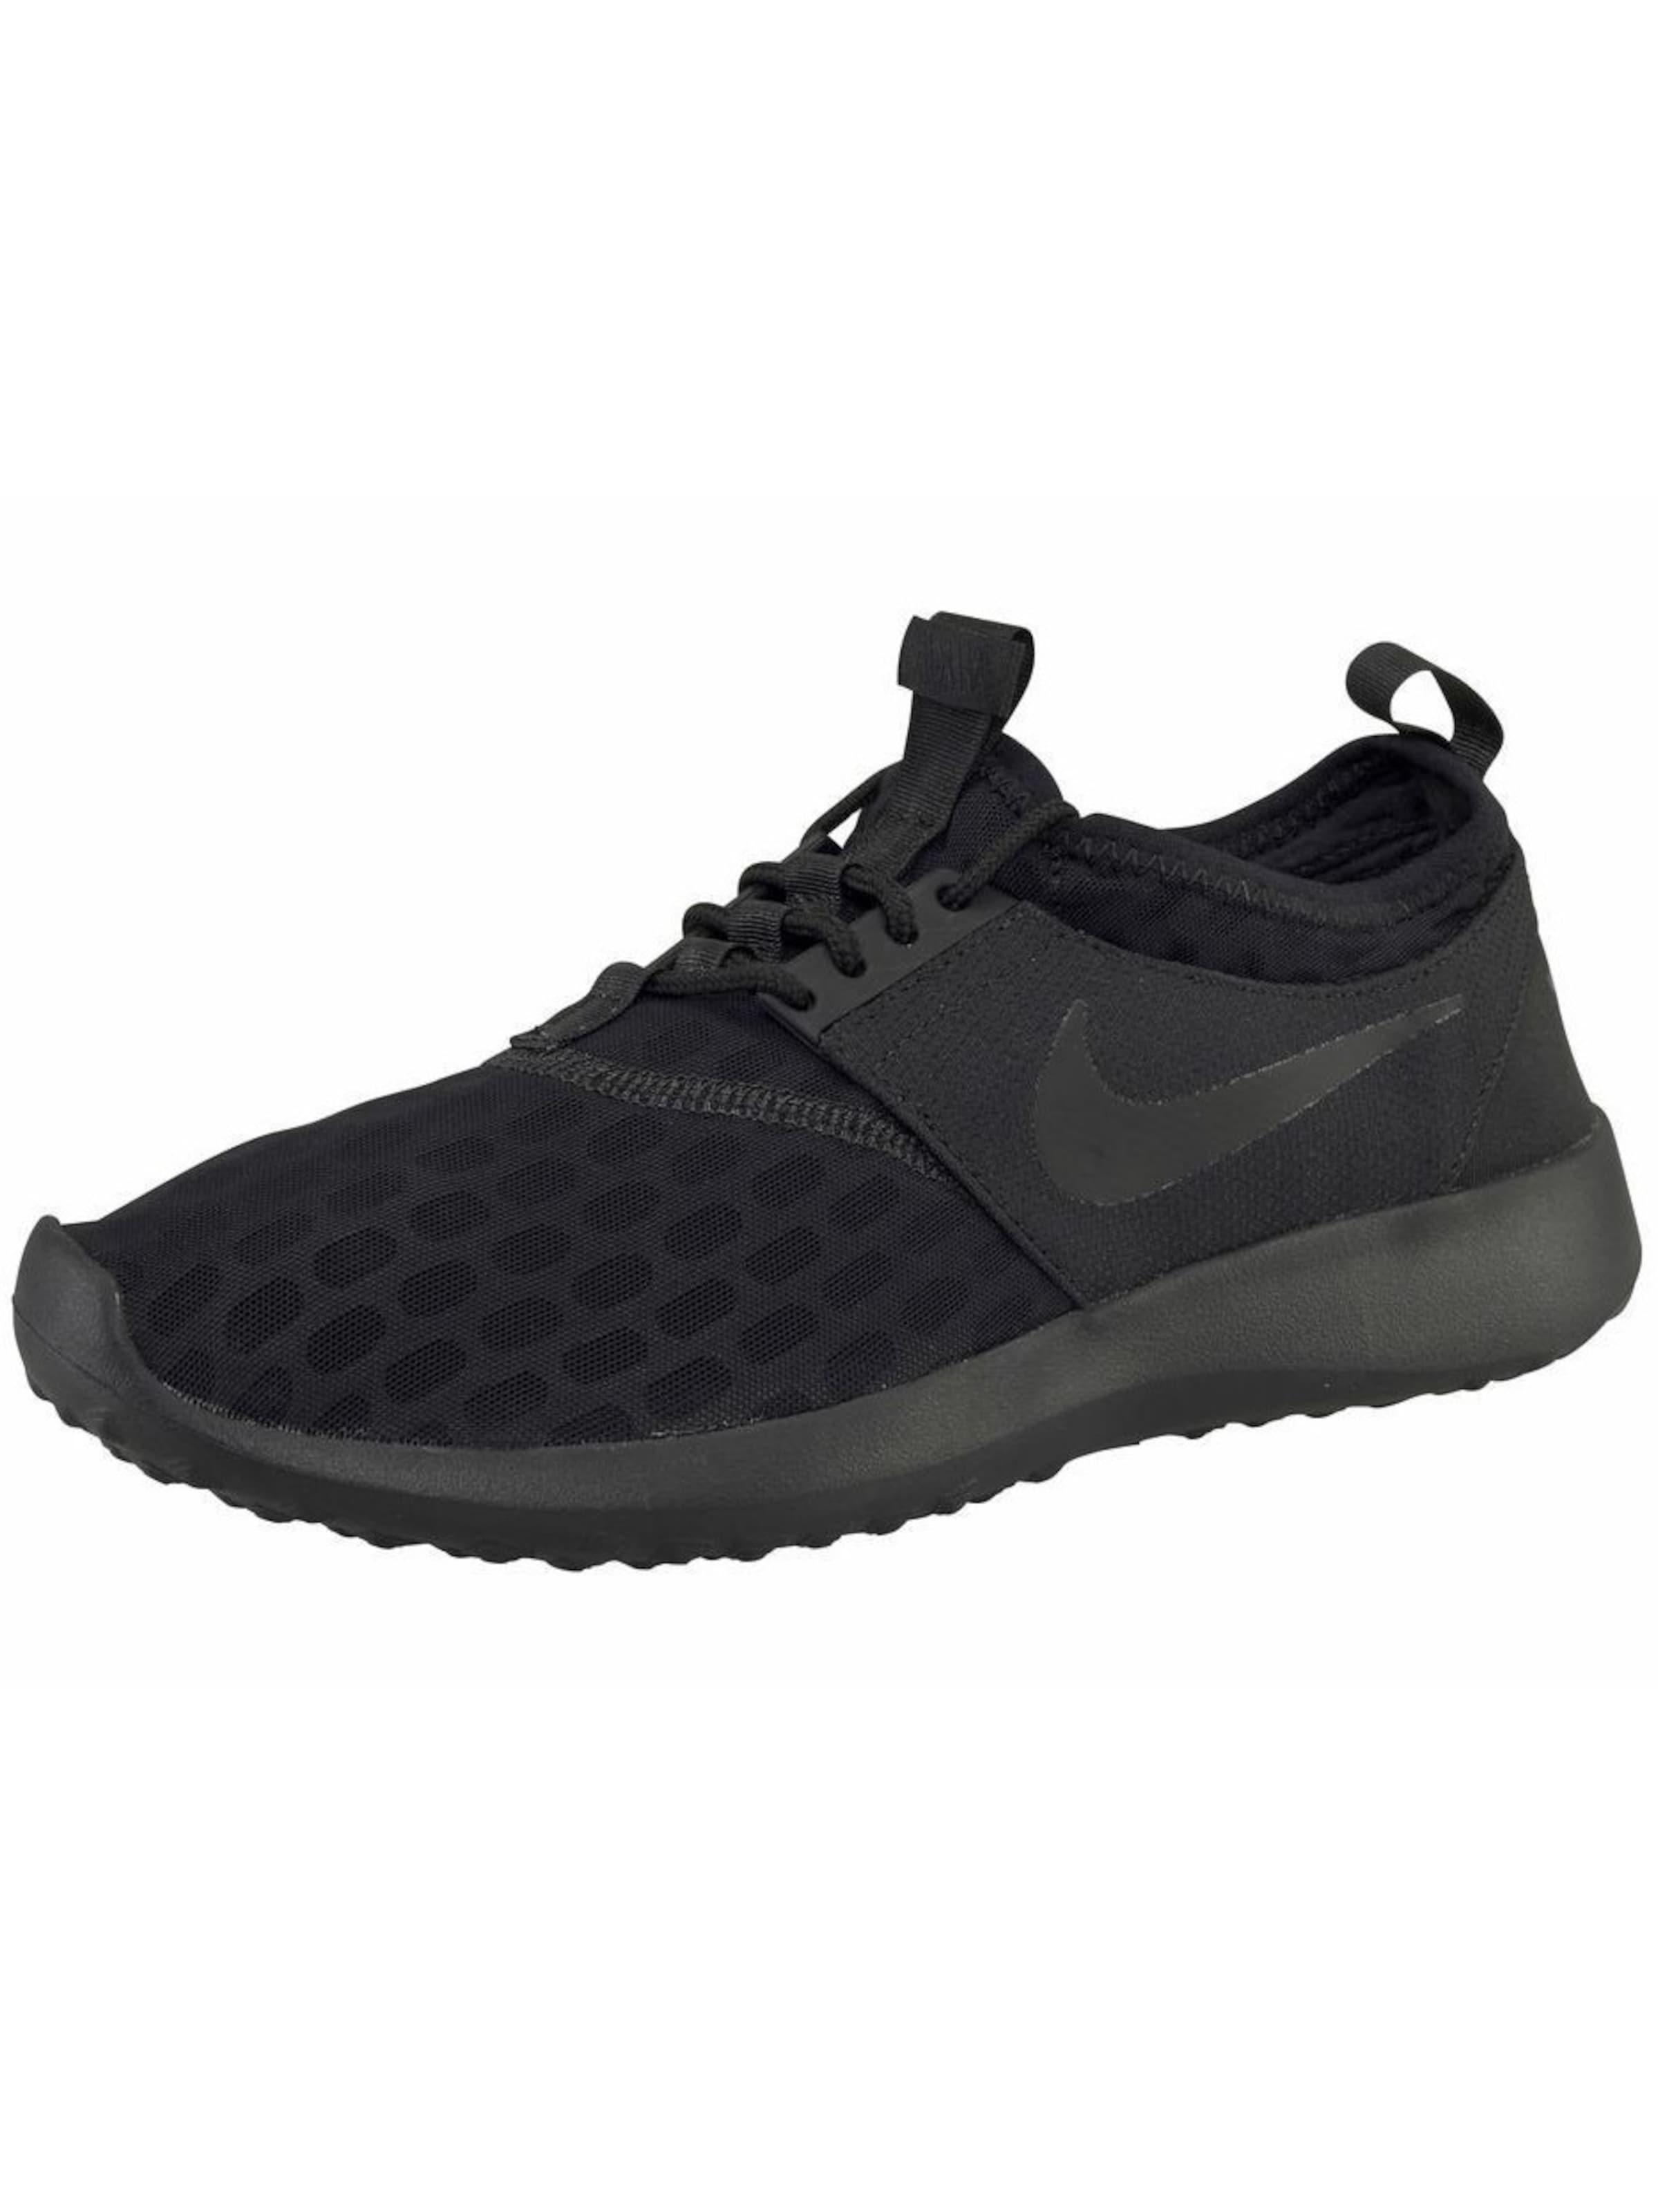 Steckdose Billig Großhandelspreis Günstiger Preis Nike Sportswear Sneaker 'JUVENATE' Billig Verkauf Vorbestellung Rabatt Wählen Eine Beste Outlet Rabatt Authentisch kQDgAto